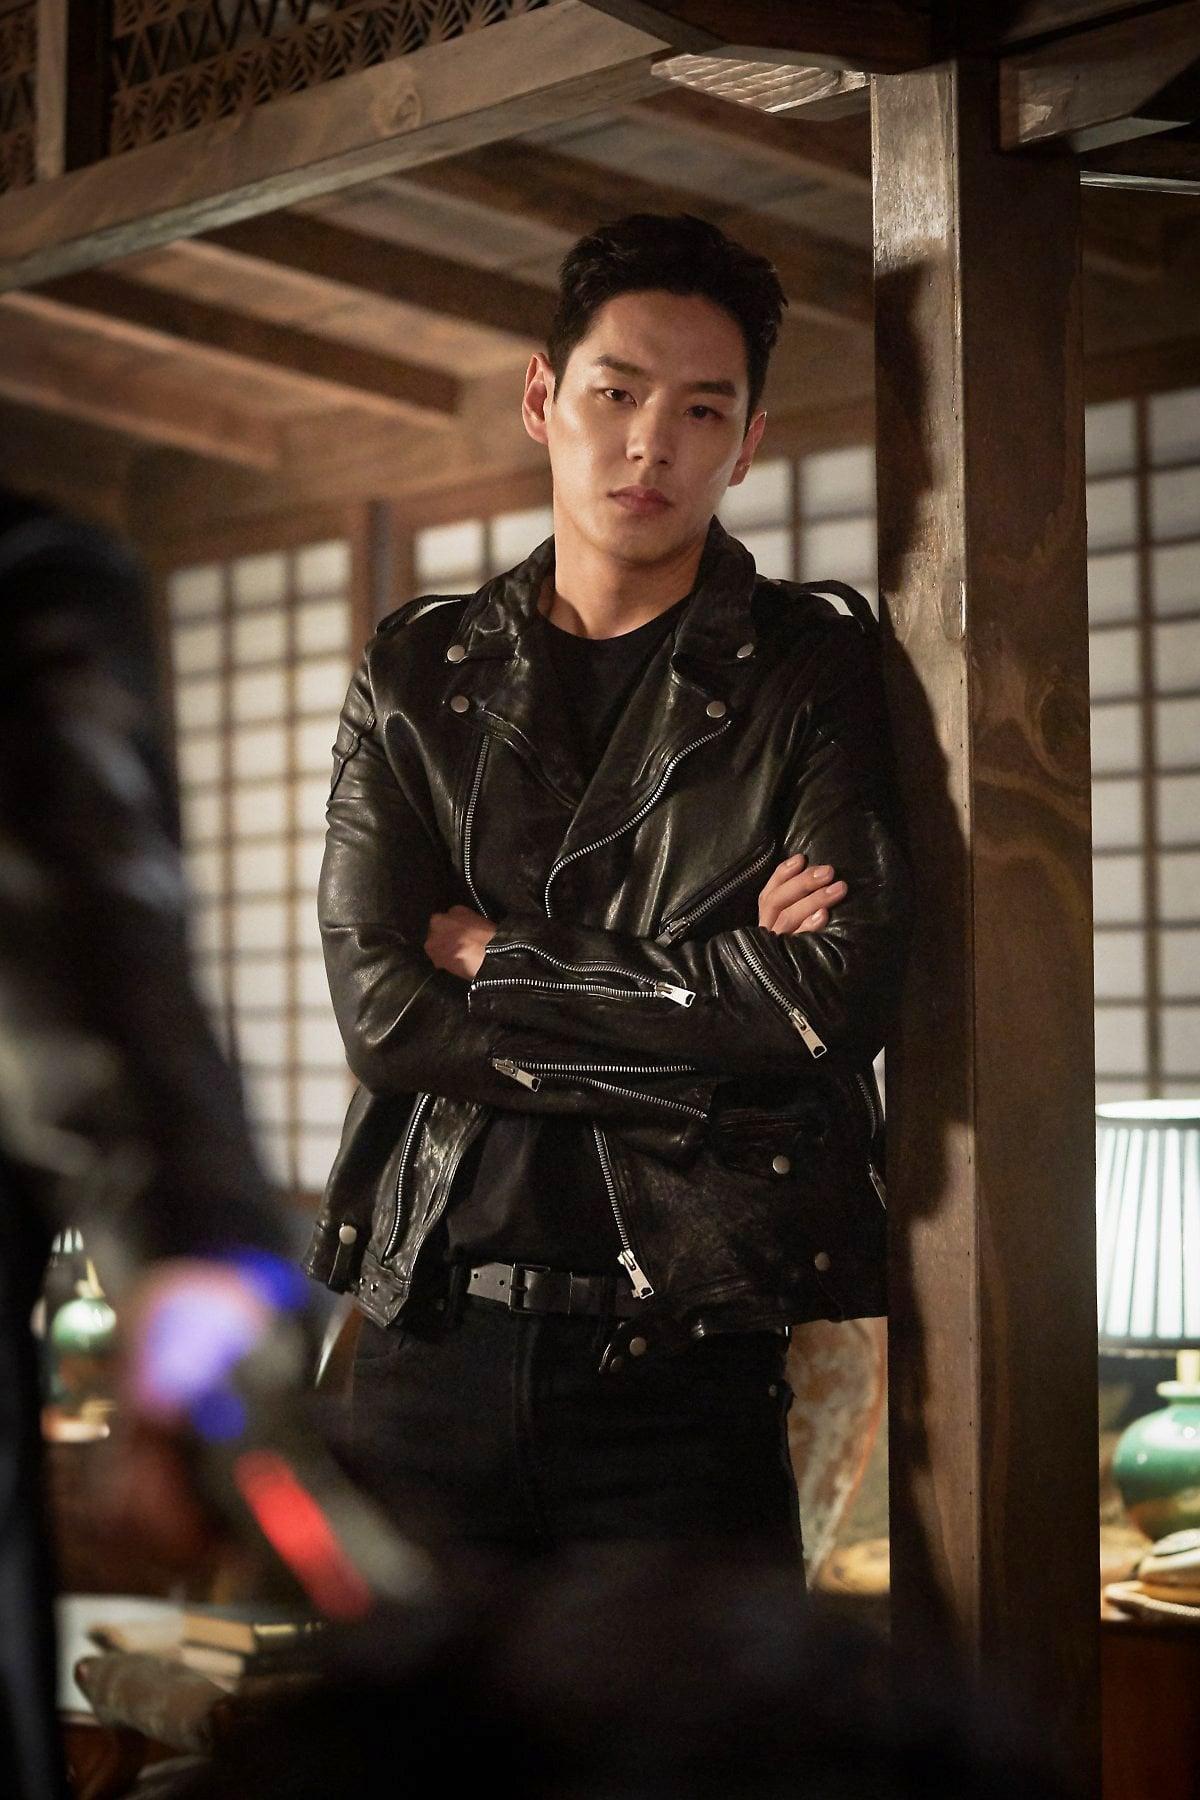 Anh từng là chiến binh và là bạn trai của Yoon Tae Yi.